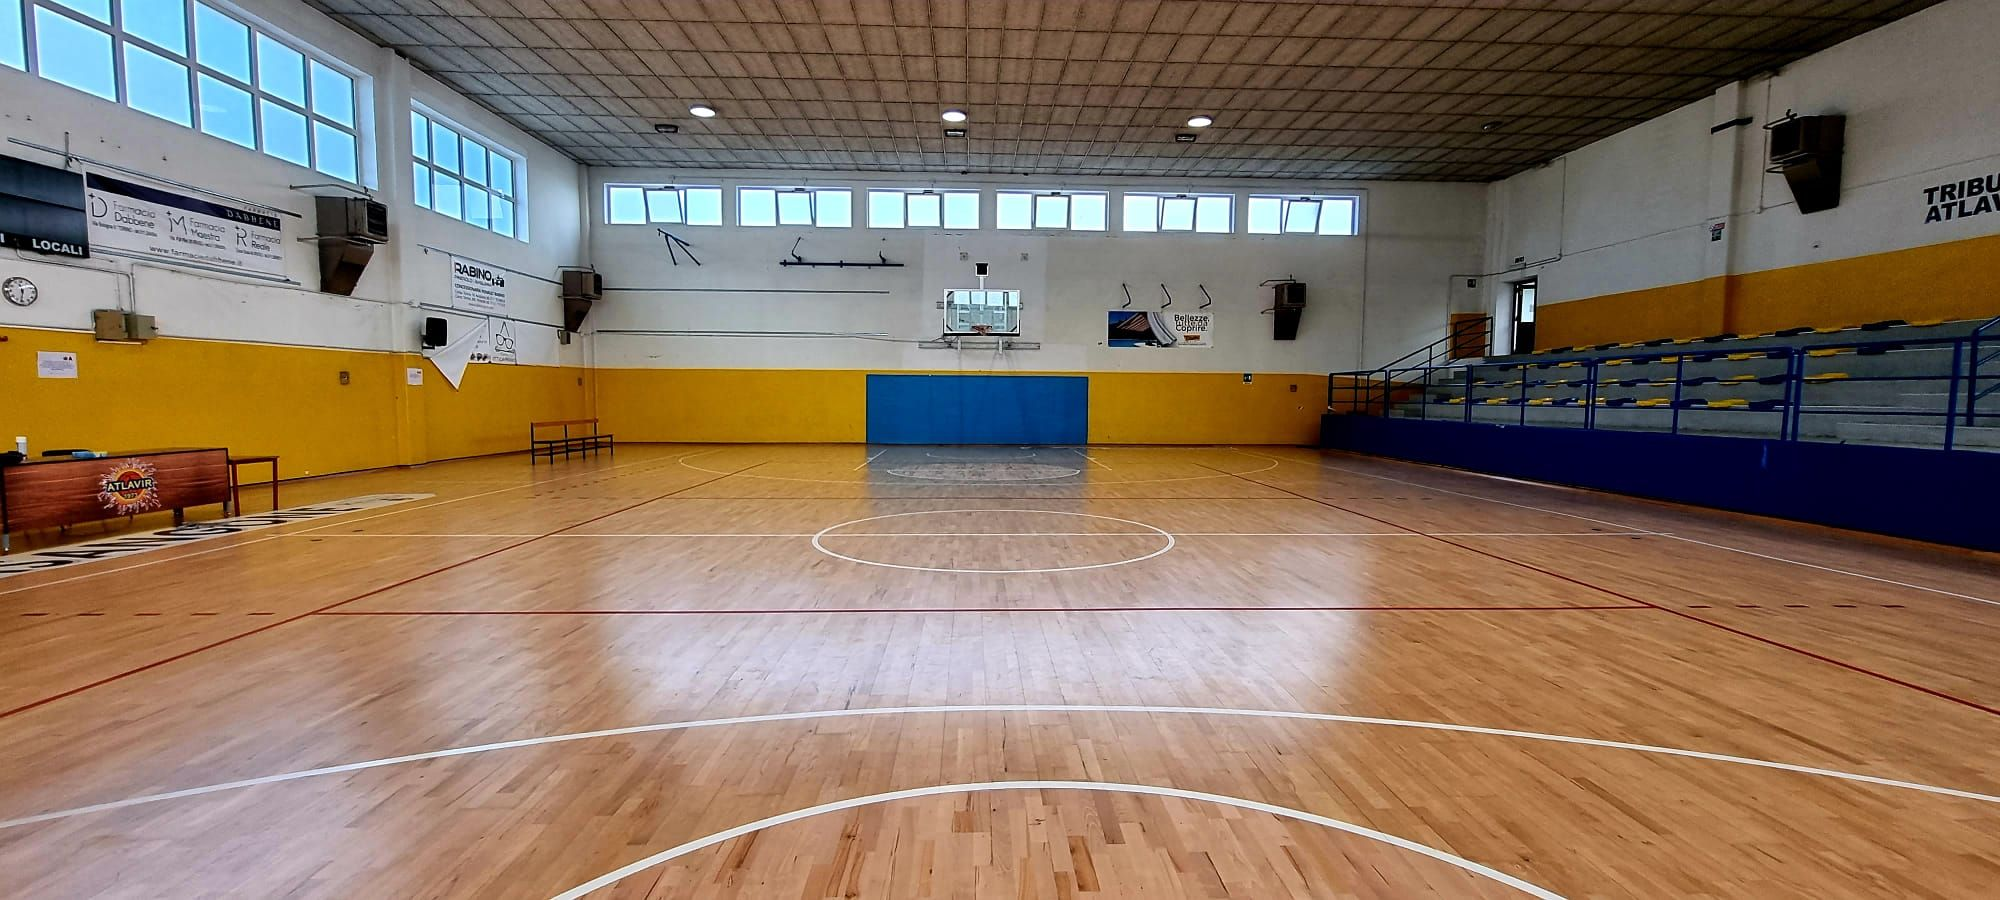 RIVALTA - Stop ai seggi elettorali nelle scuole: il Comune ha trovato le sedi alternative